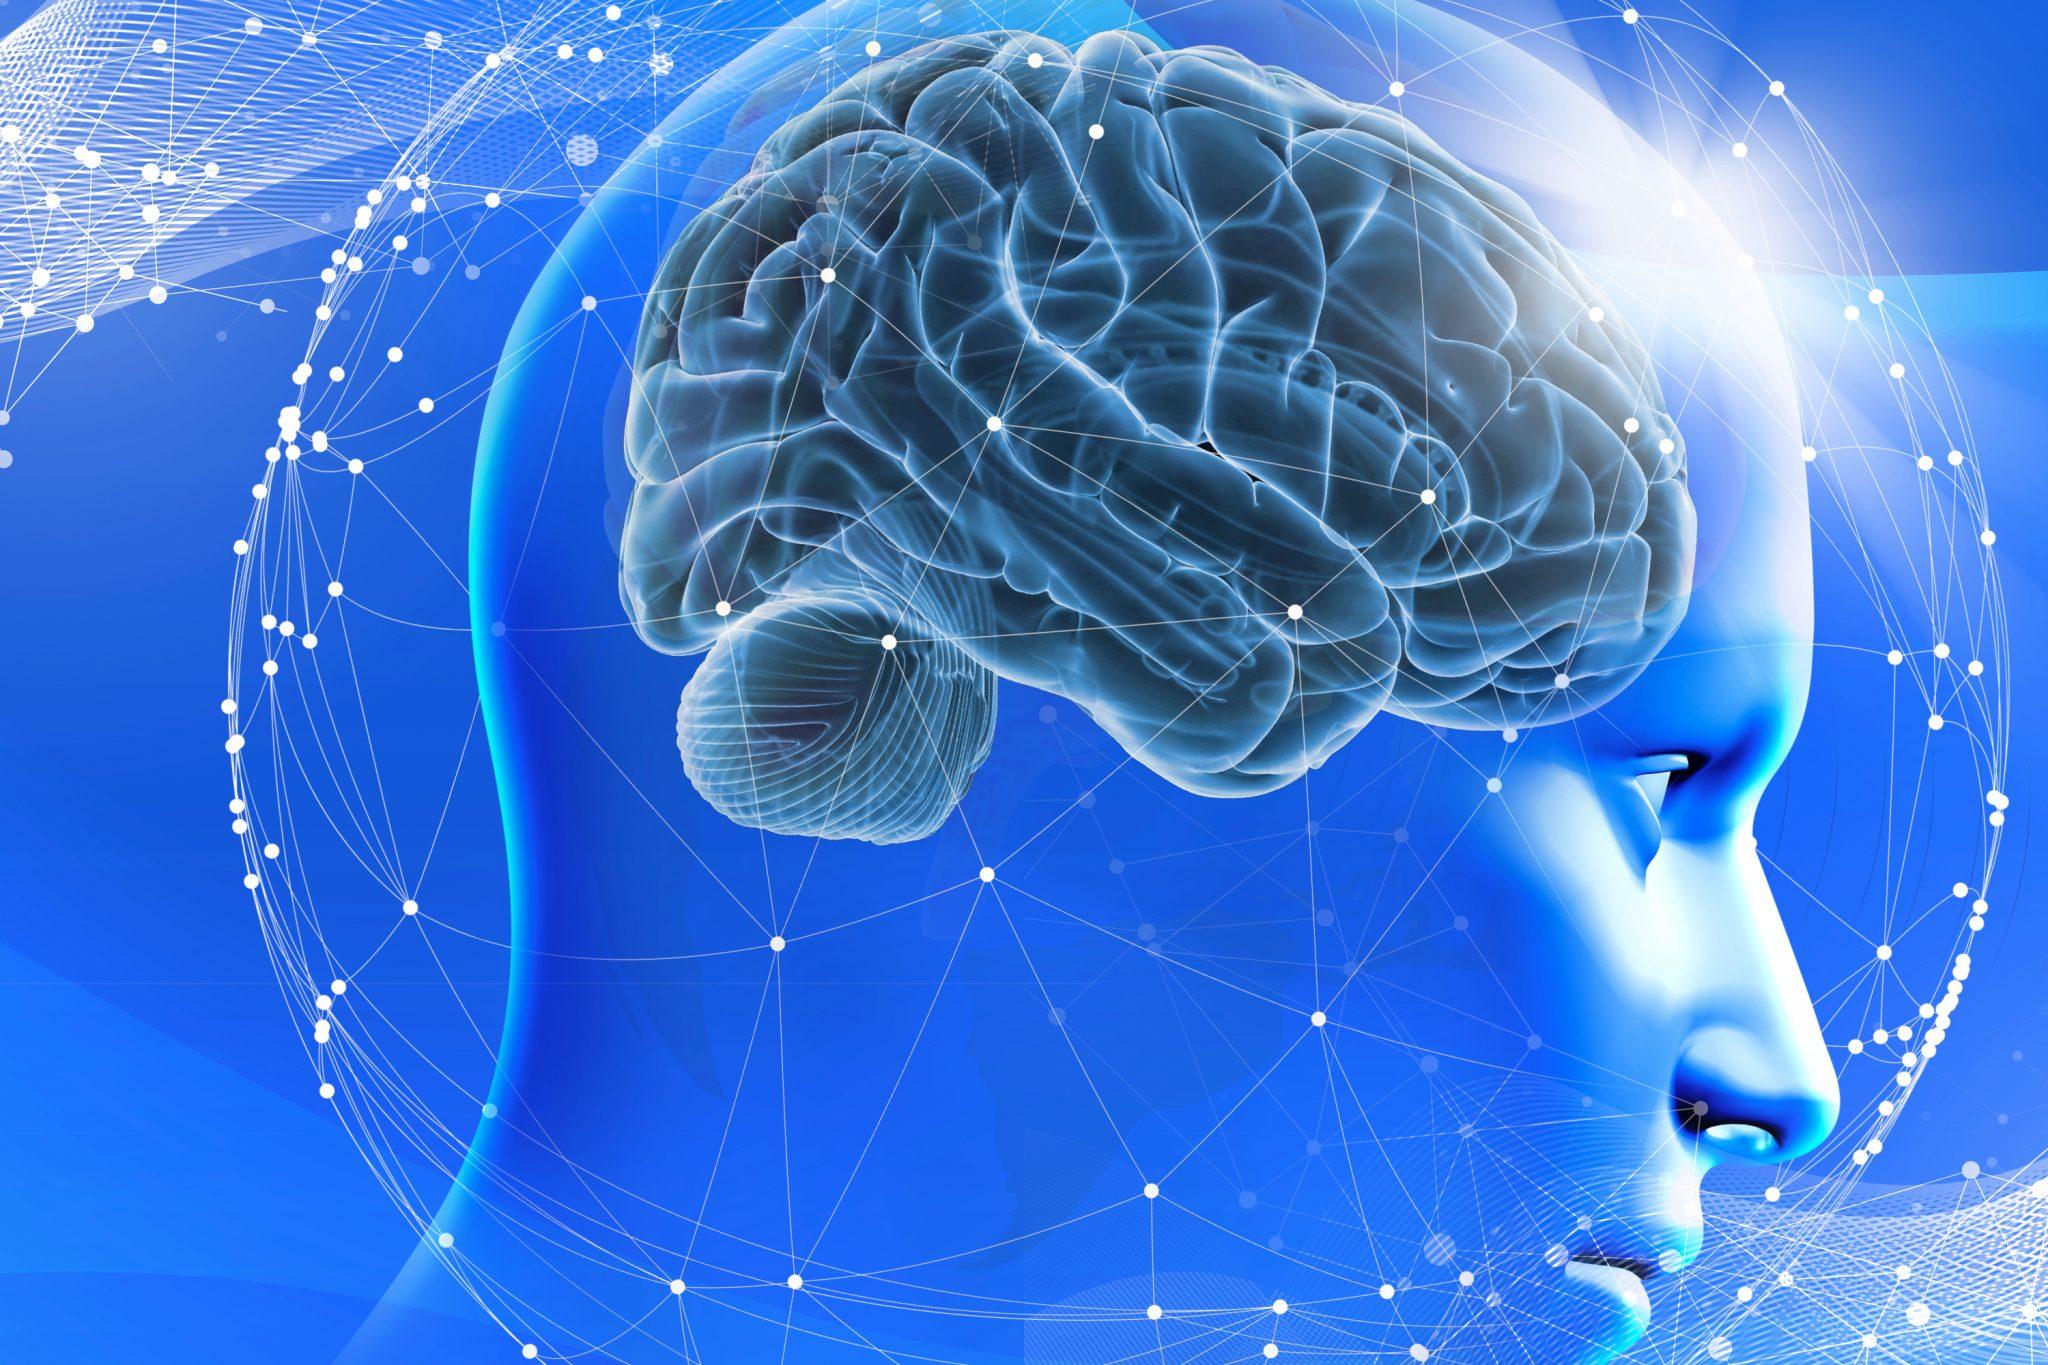 自分の存在は脳の記憶である